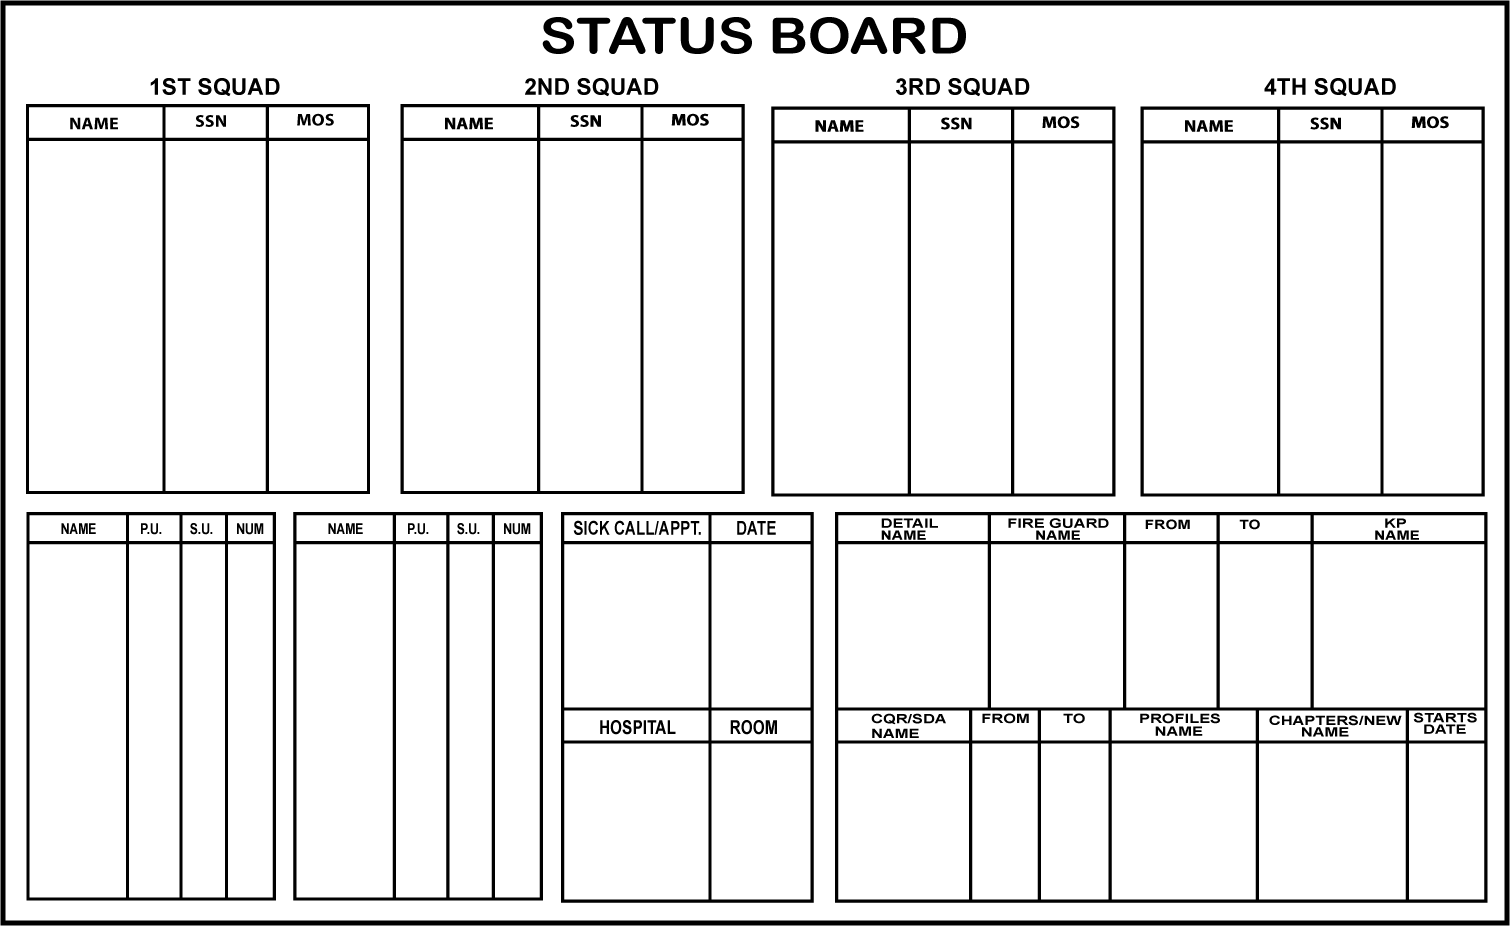 mc 0000 0000 00015 company status board mc 16 129 00 army